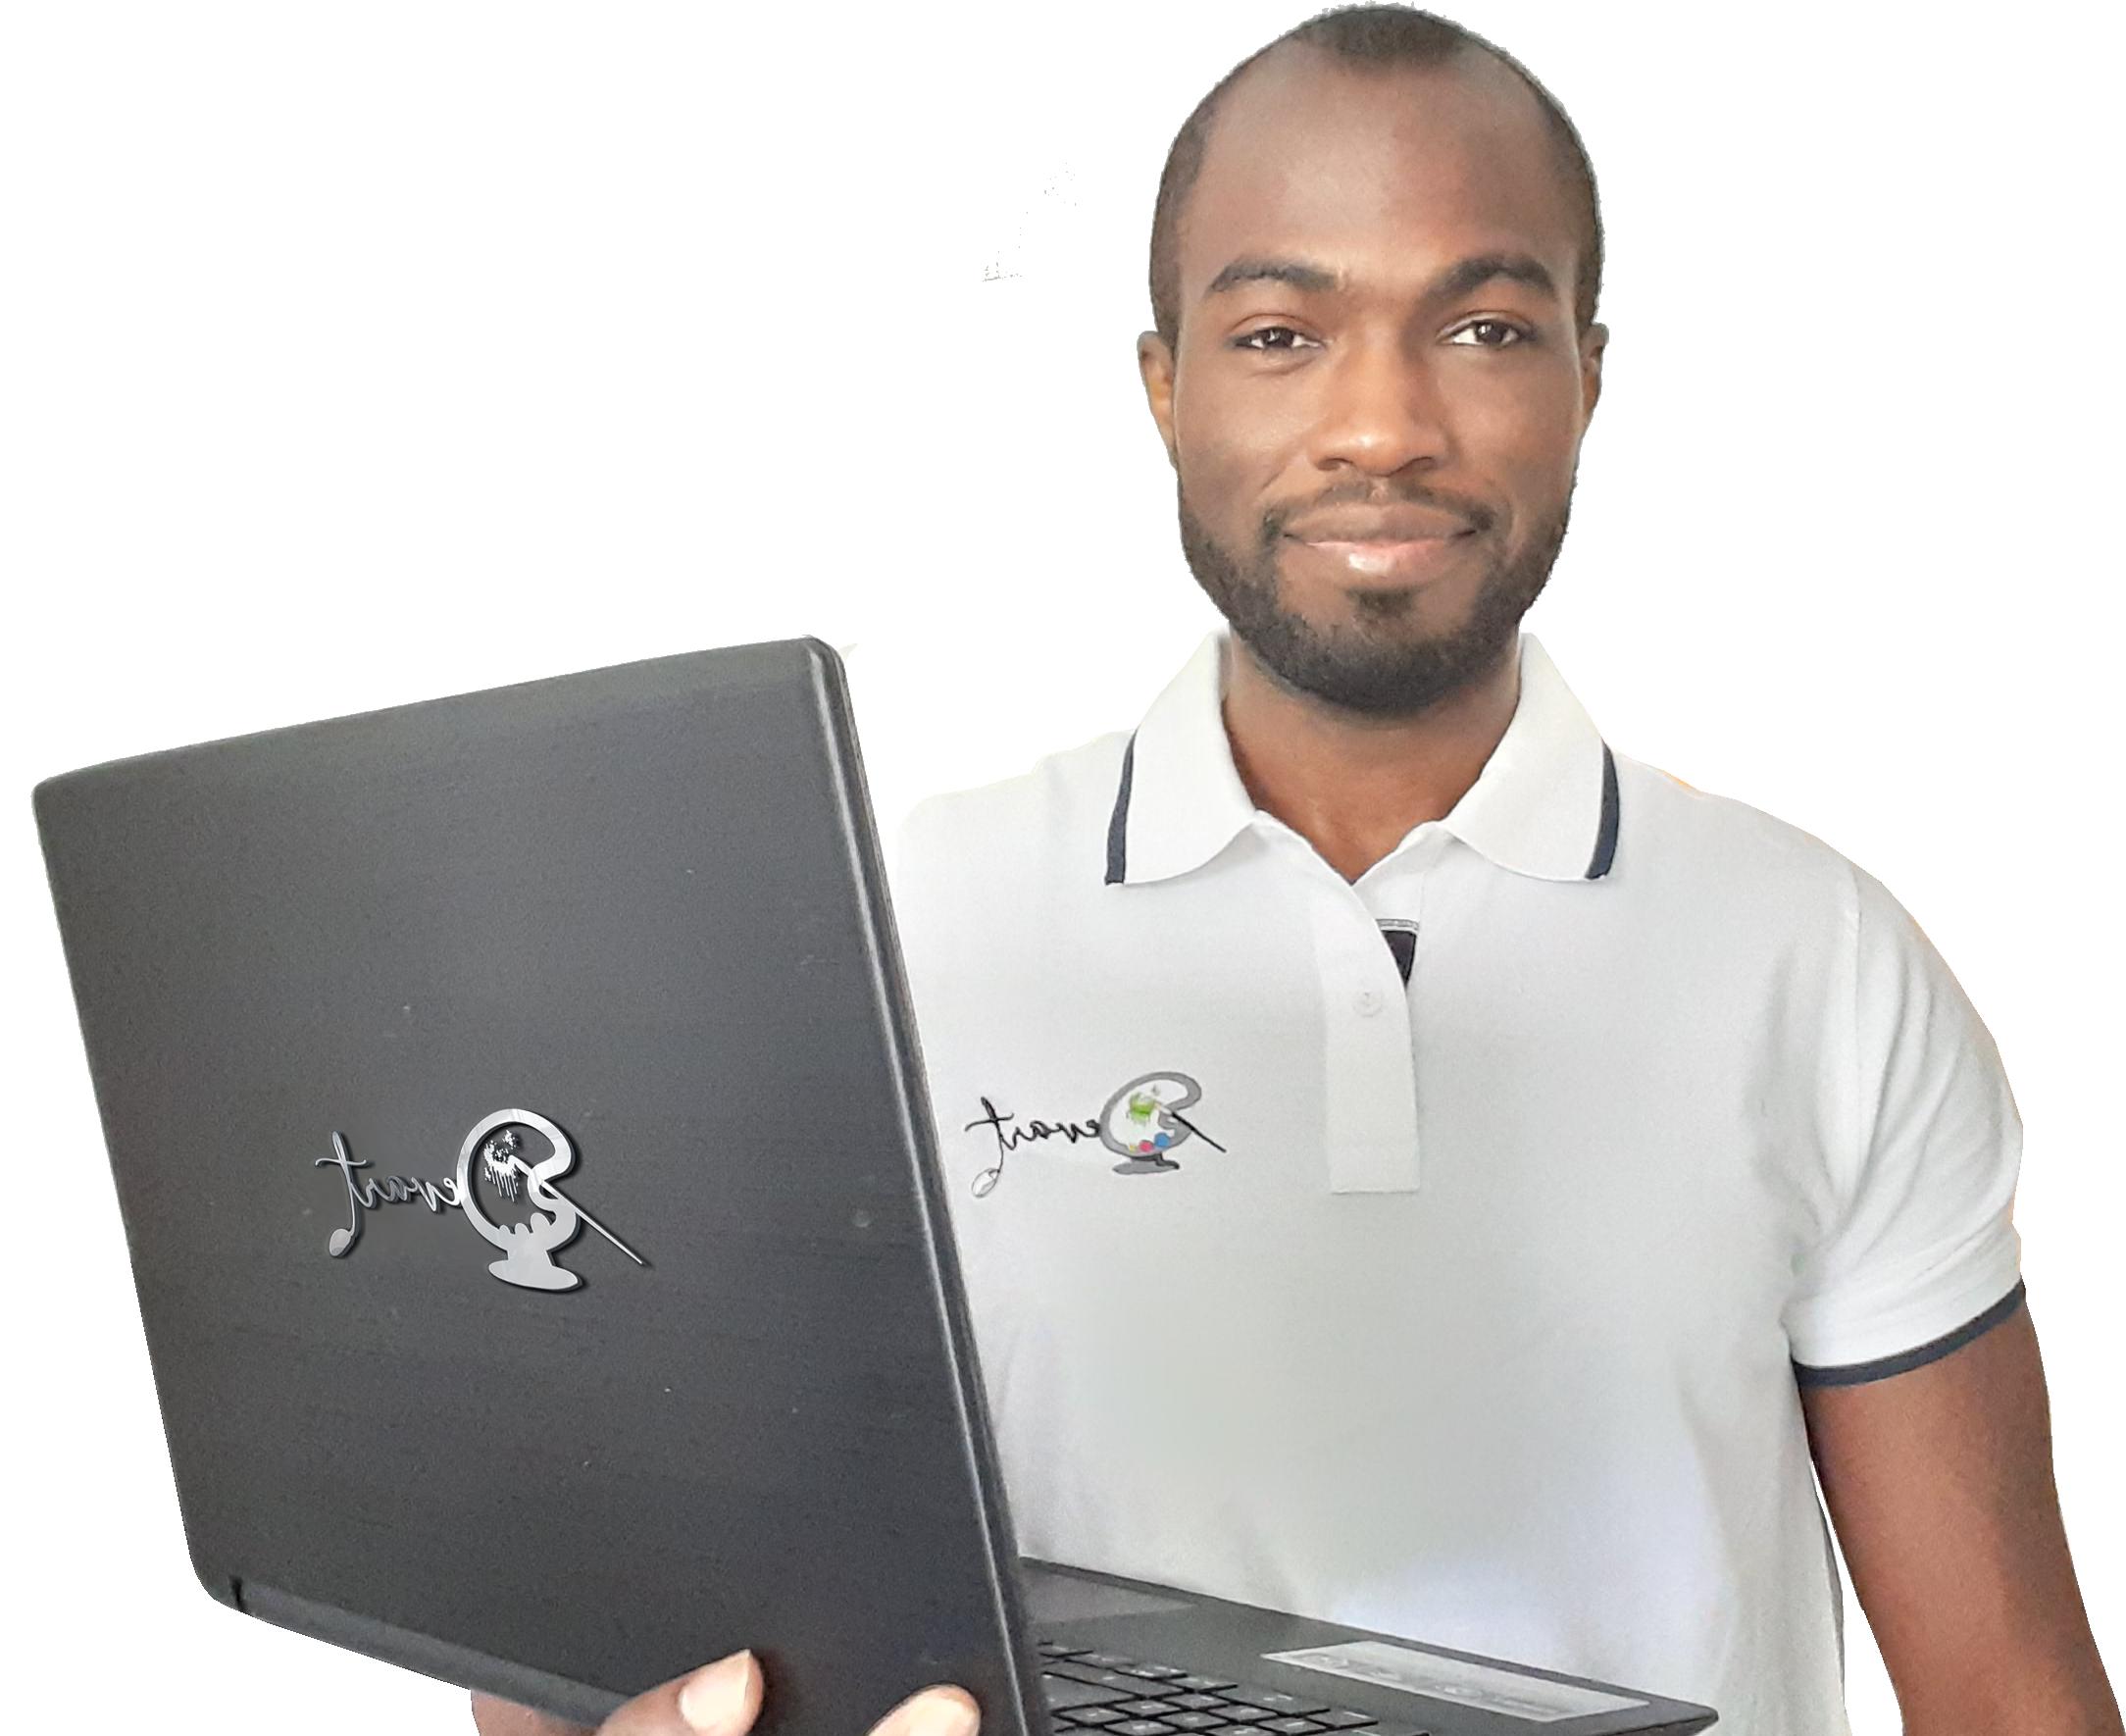 Richardson concepteur développeur web freelance